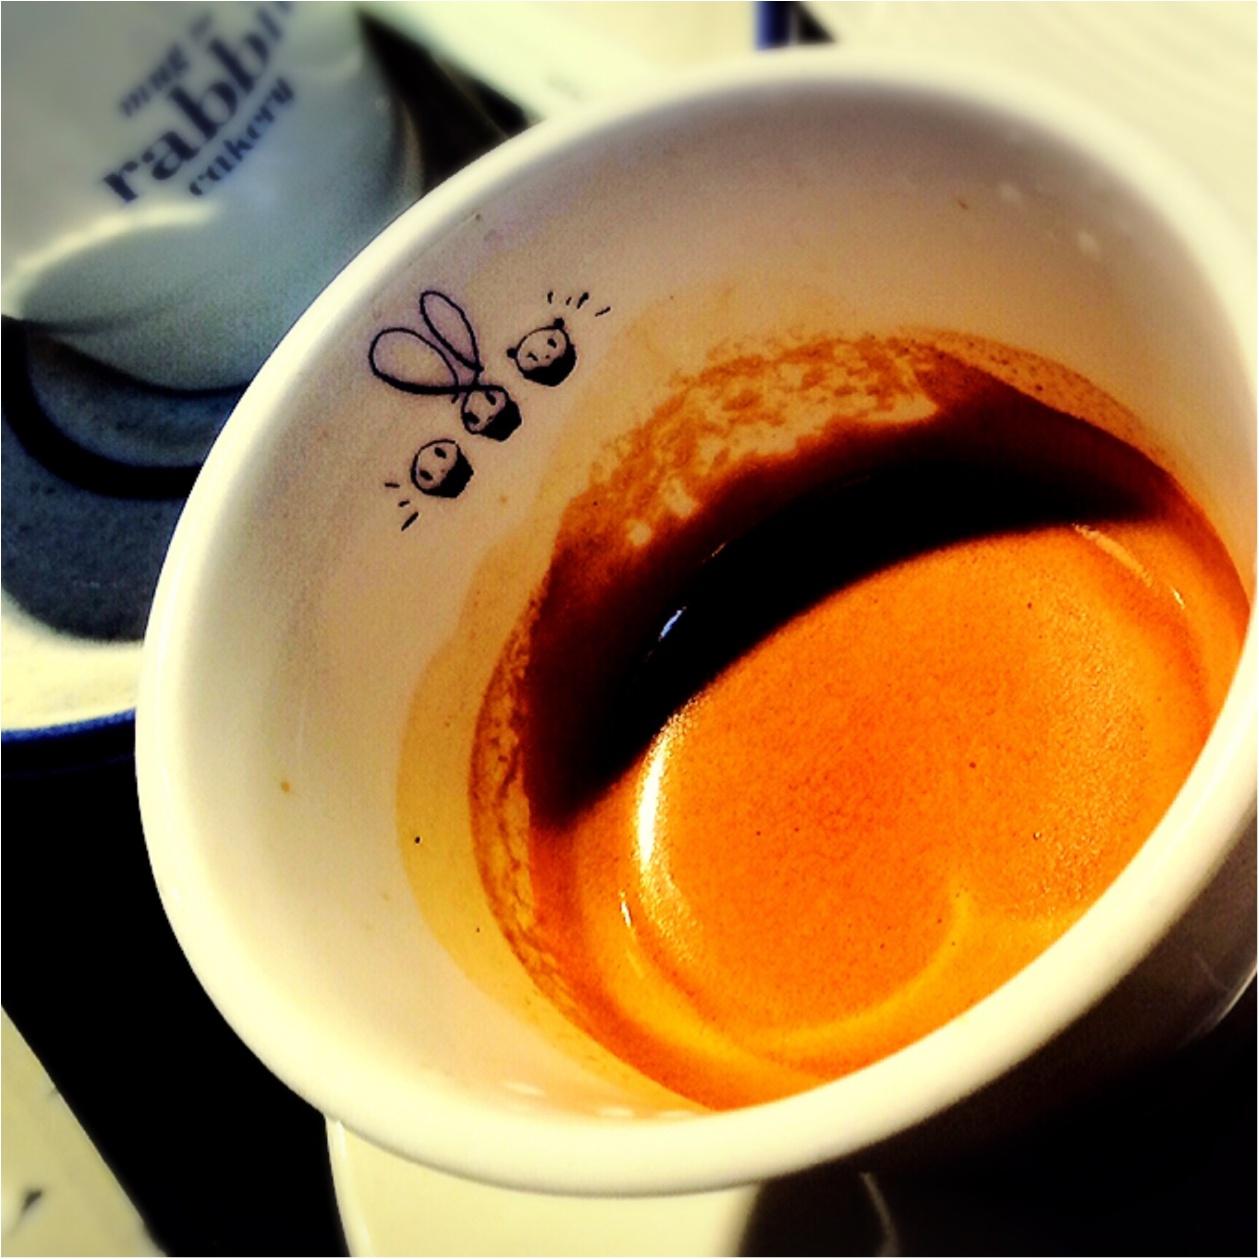 ★もはやカフェ大国?手軽にいける旅行先韓国より可愛さ満点、美味しさ抜群のカフェを紹介します!★_12